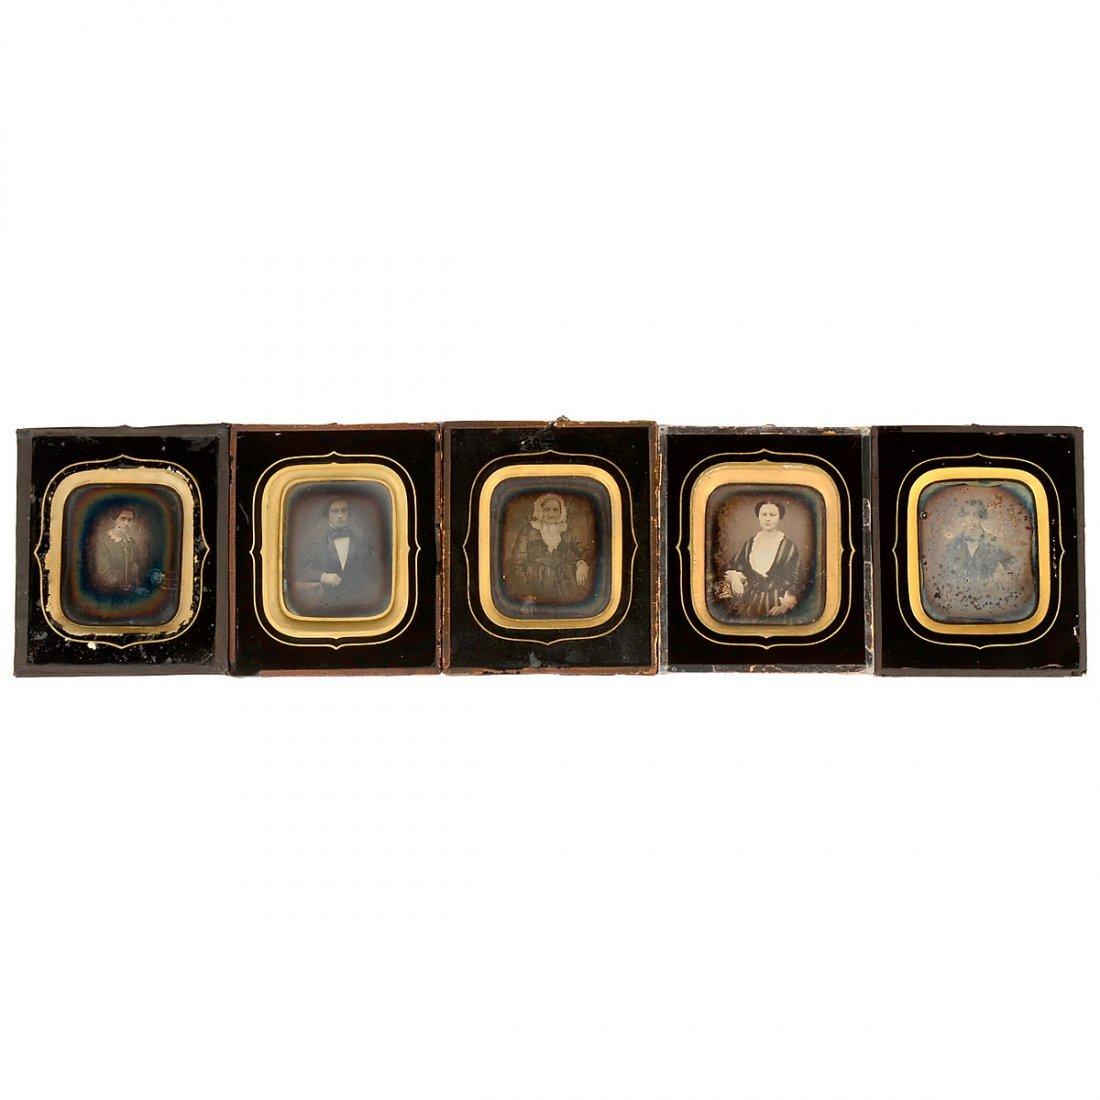 5 Daguerreotypes, c. 1845